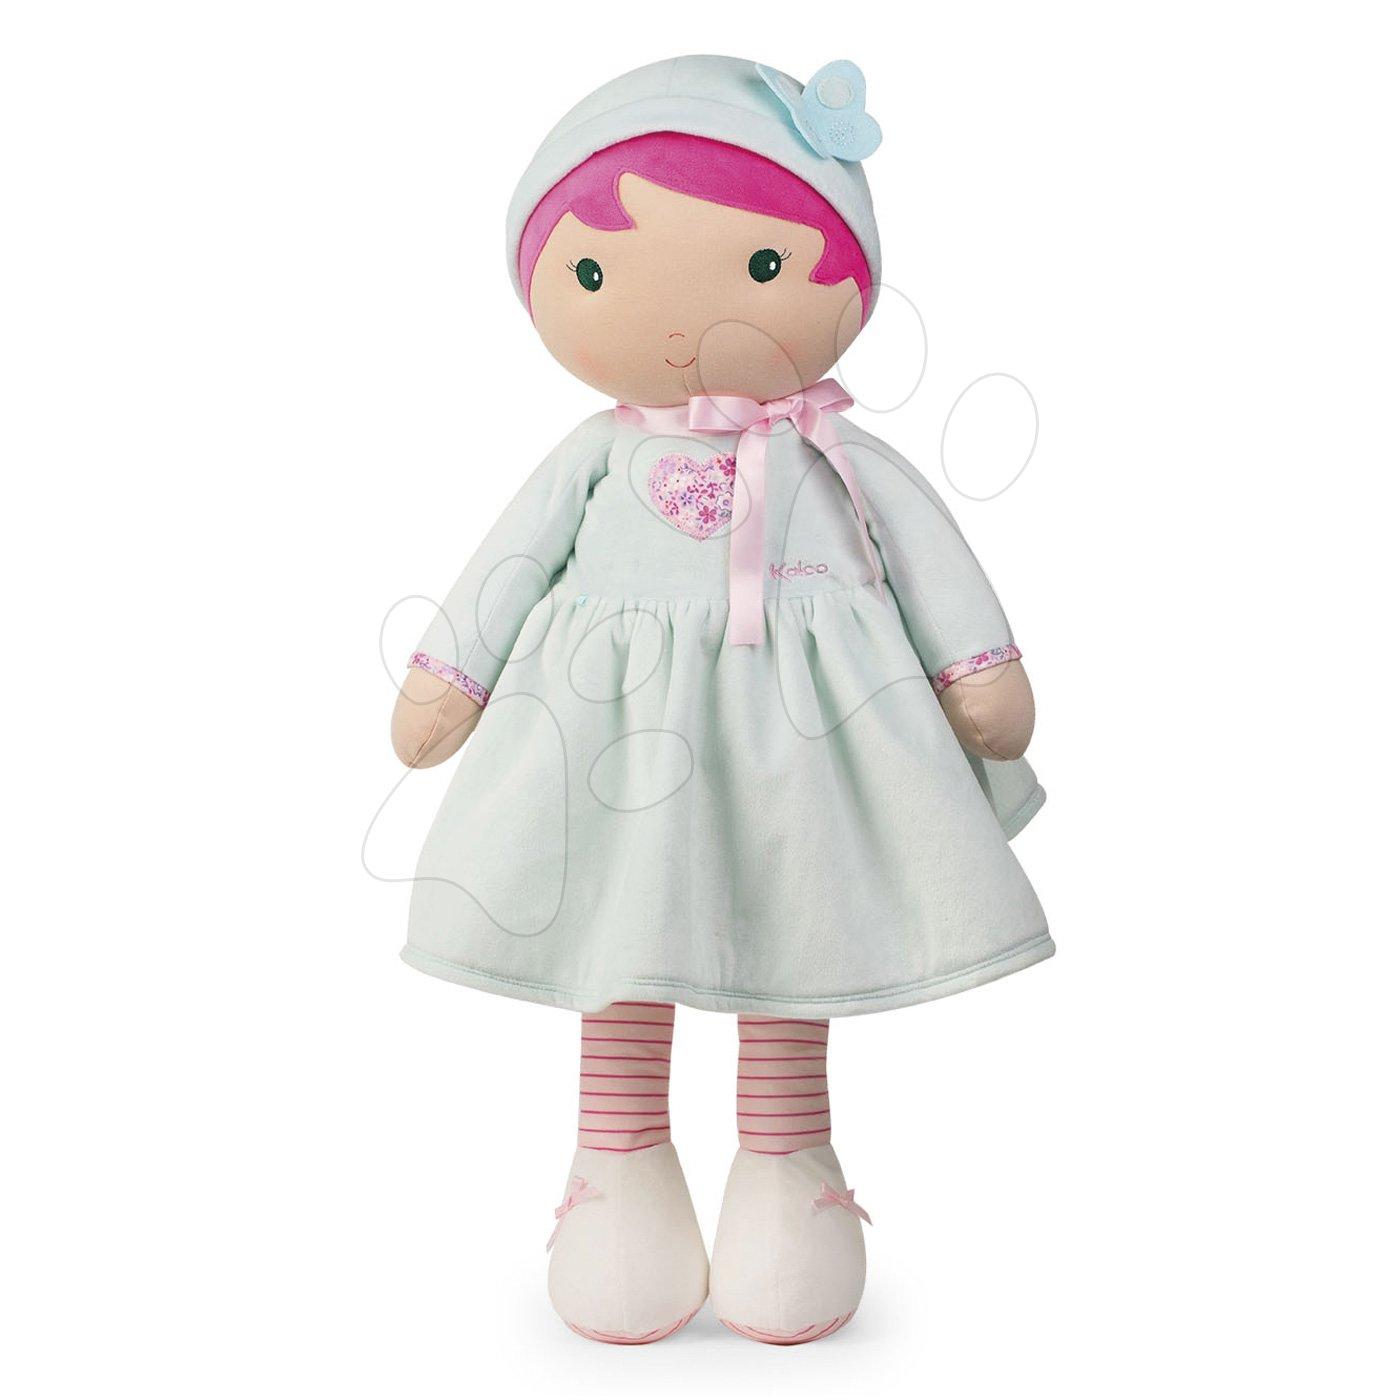 Păpuşă pentru bebeluşi Perle K Tendresse doll XXL Kaloo 80 cm în hăinuţă cu inimioare din material fin